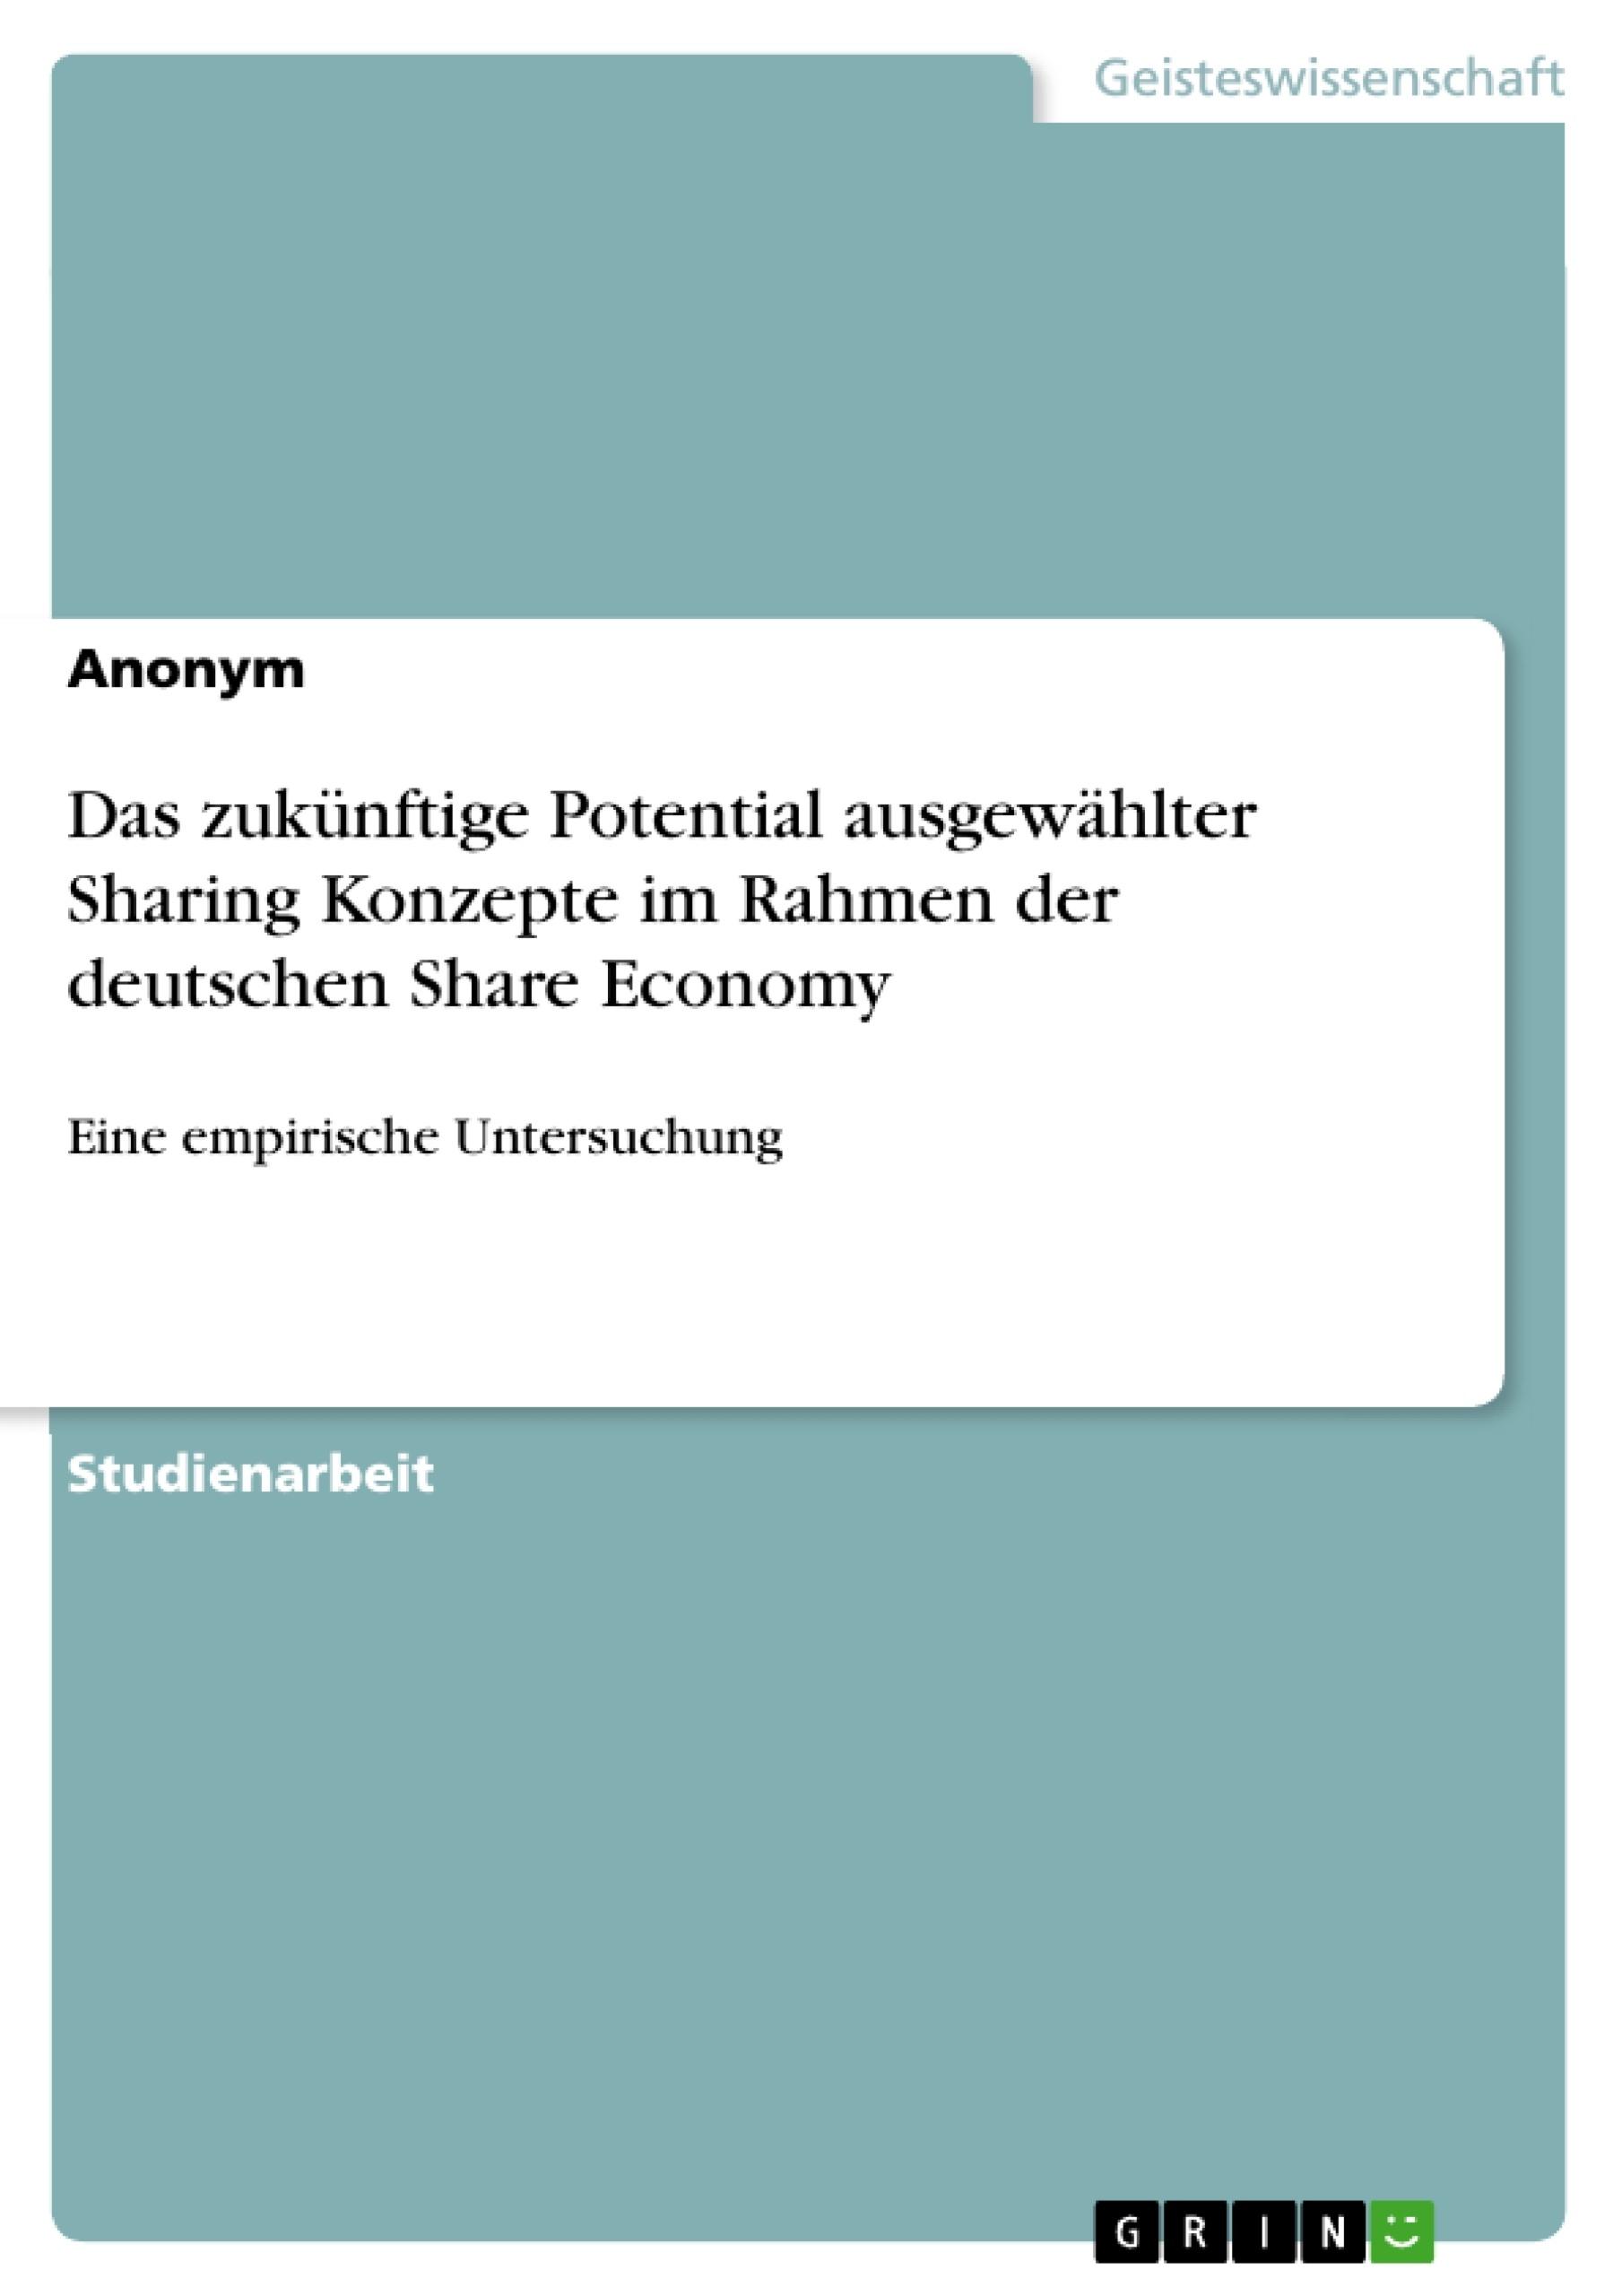 Titel: Das zukünftige Potential ausgewählter Sharing Konzepte im Rahmen der deutschen Share Economy